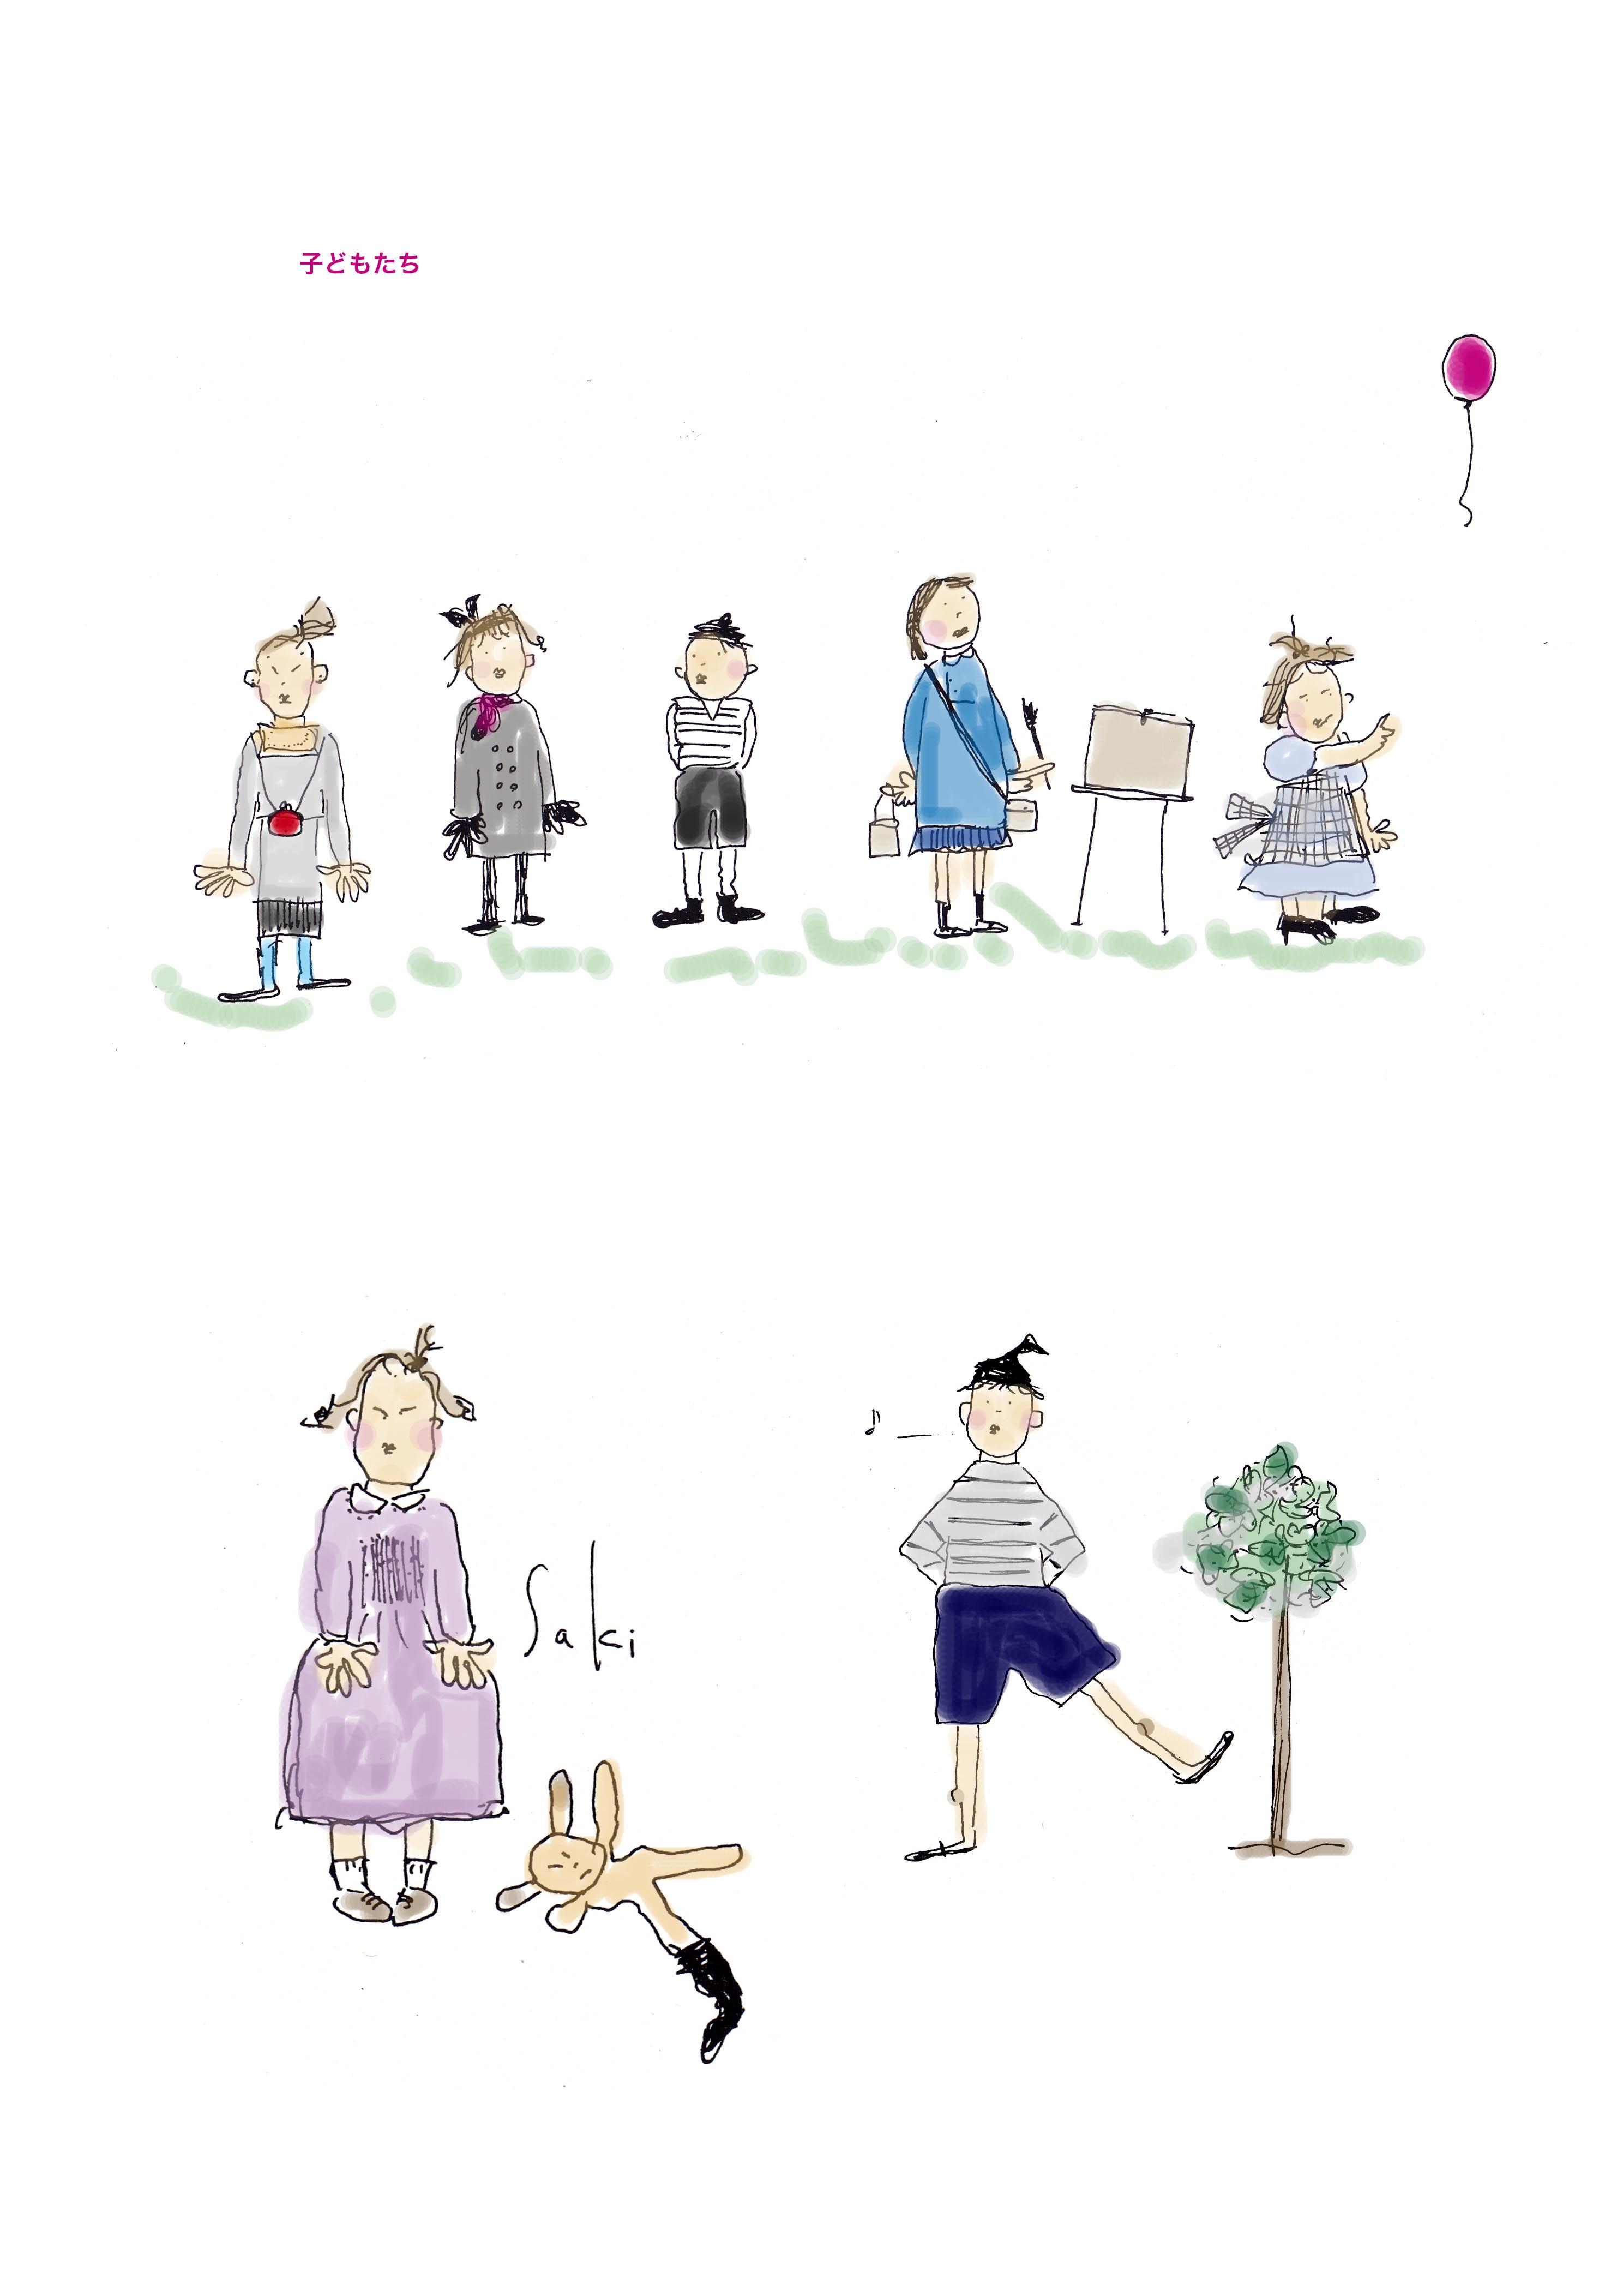 子どもたち | イラスト|寄る年波とおしゃれの波 ホホホの本田style